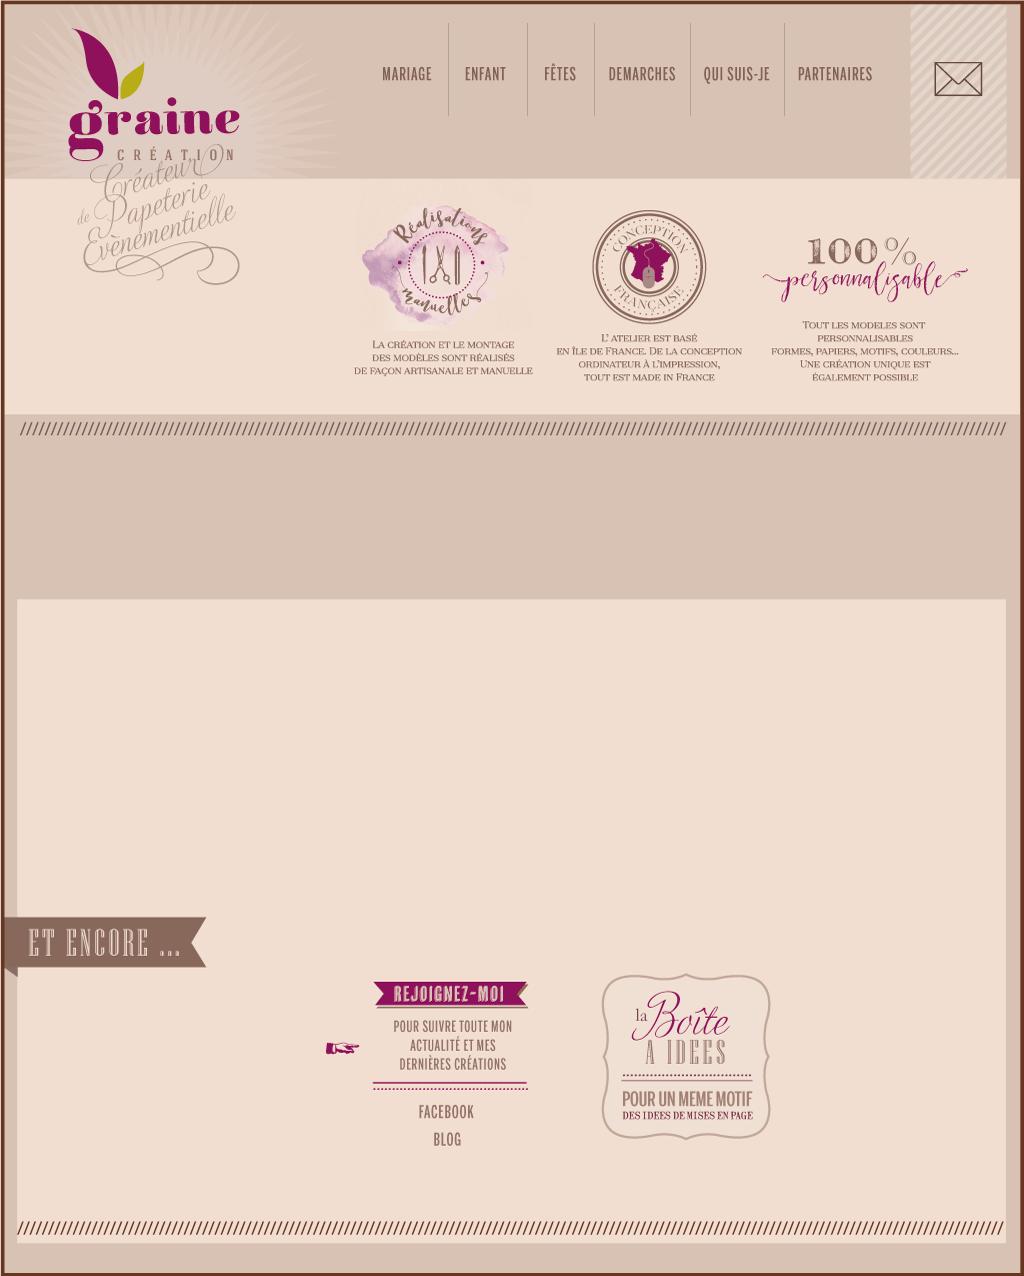 Populaire Graine création: Faire part mariage et naissance sur mesure OV75